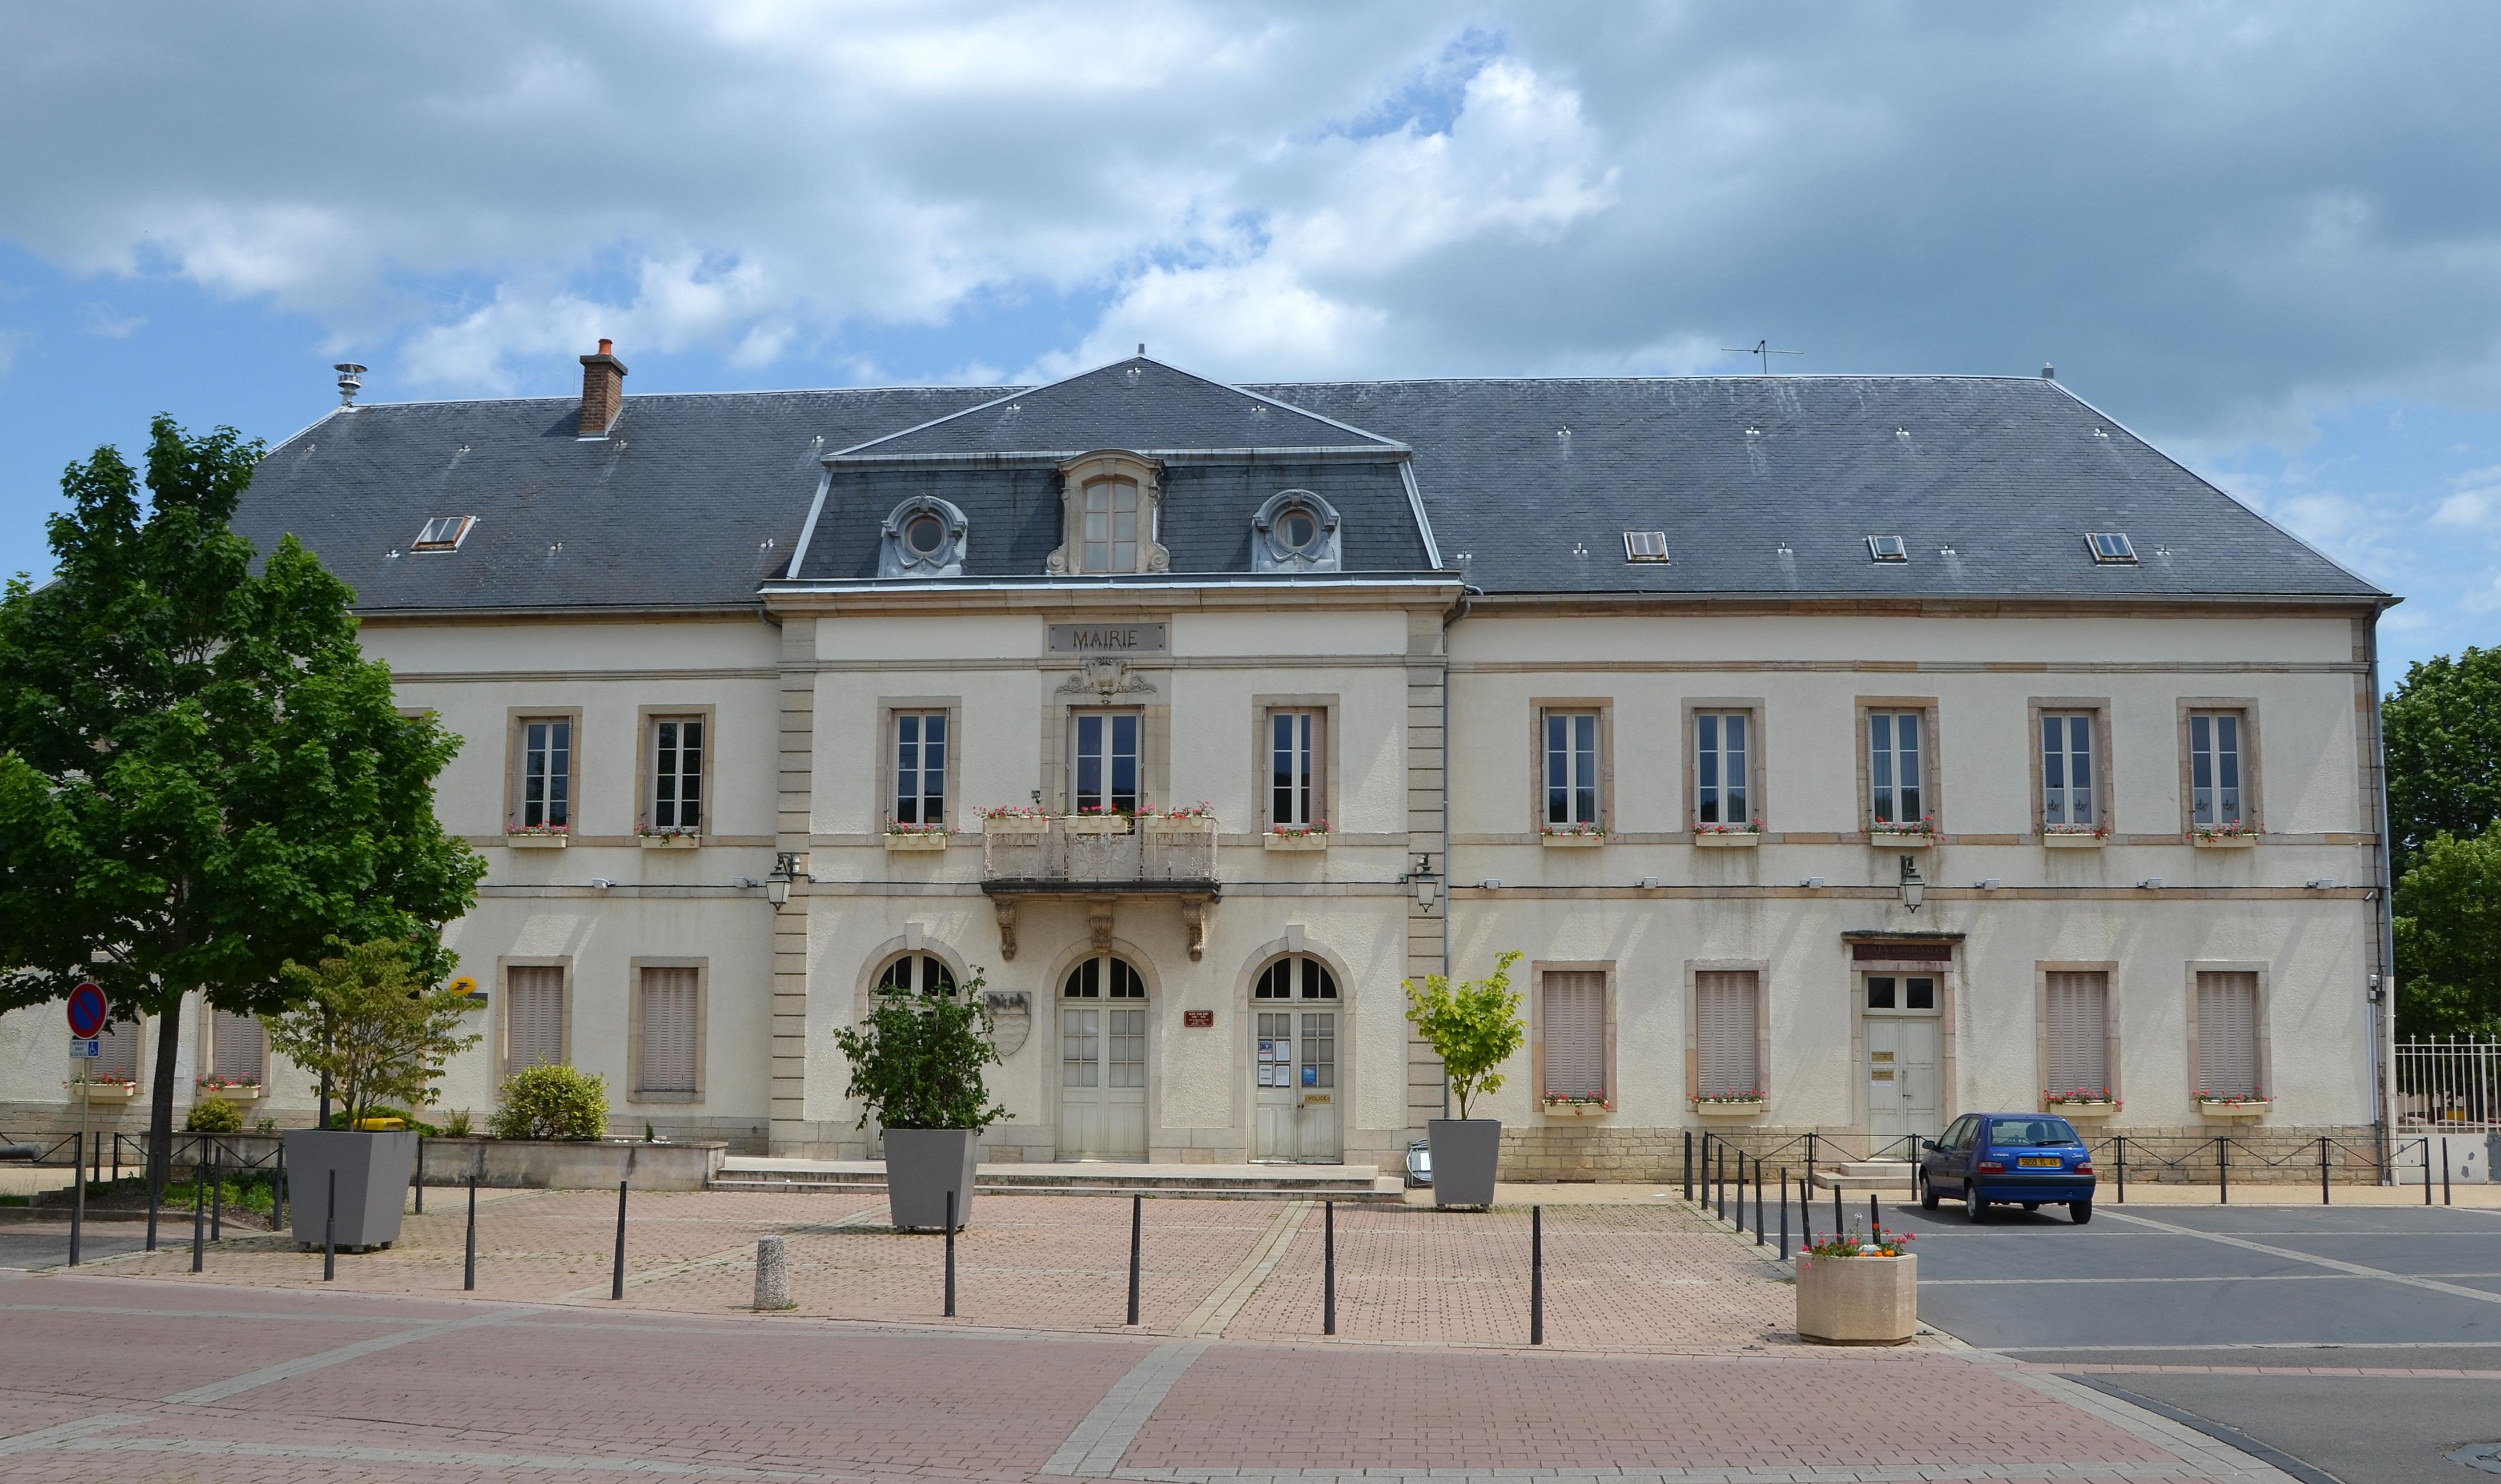 Marsannay-la-Cote France  City pictures : Fichier:Mairie de Marsannay la Cote DSC 0893 — Wikipédia